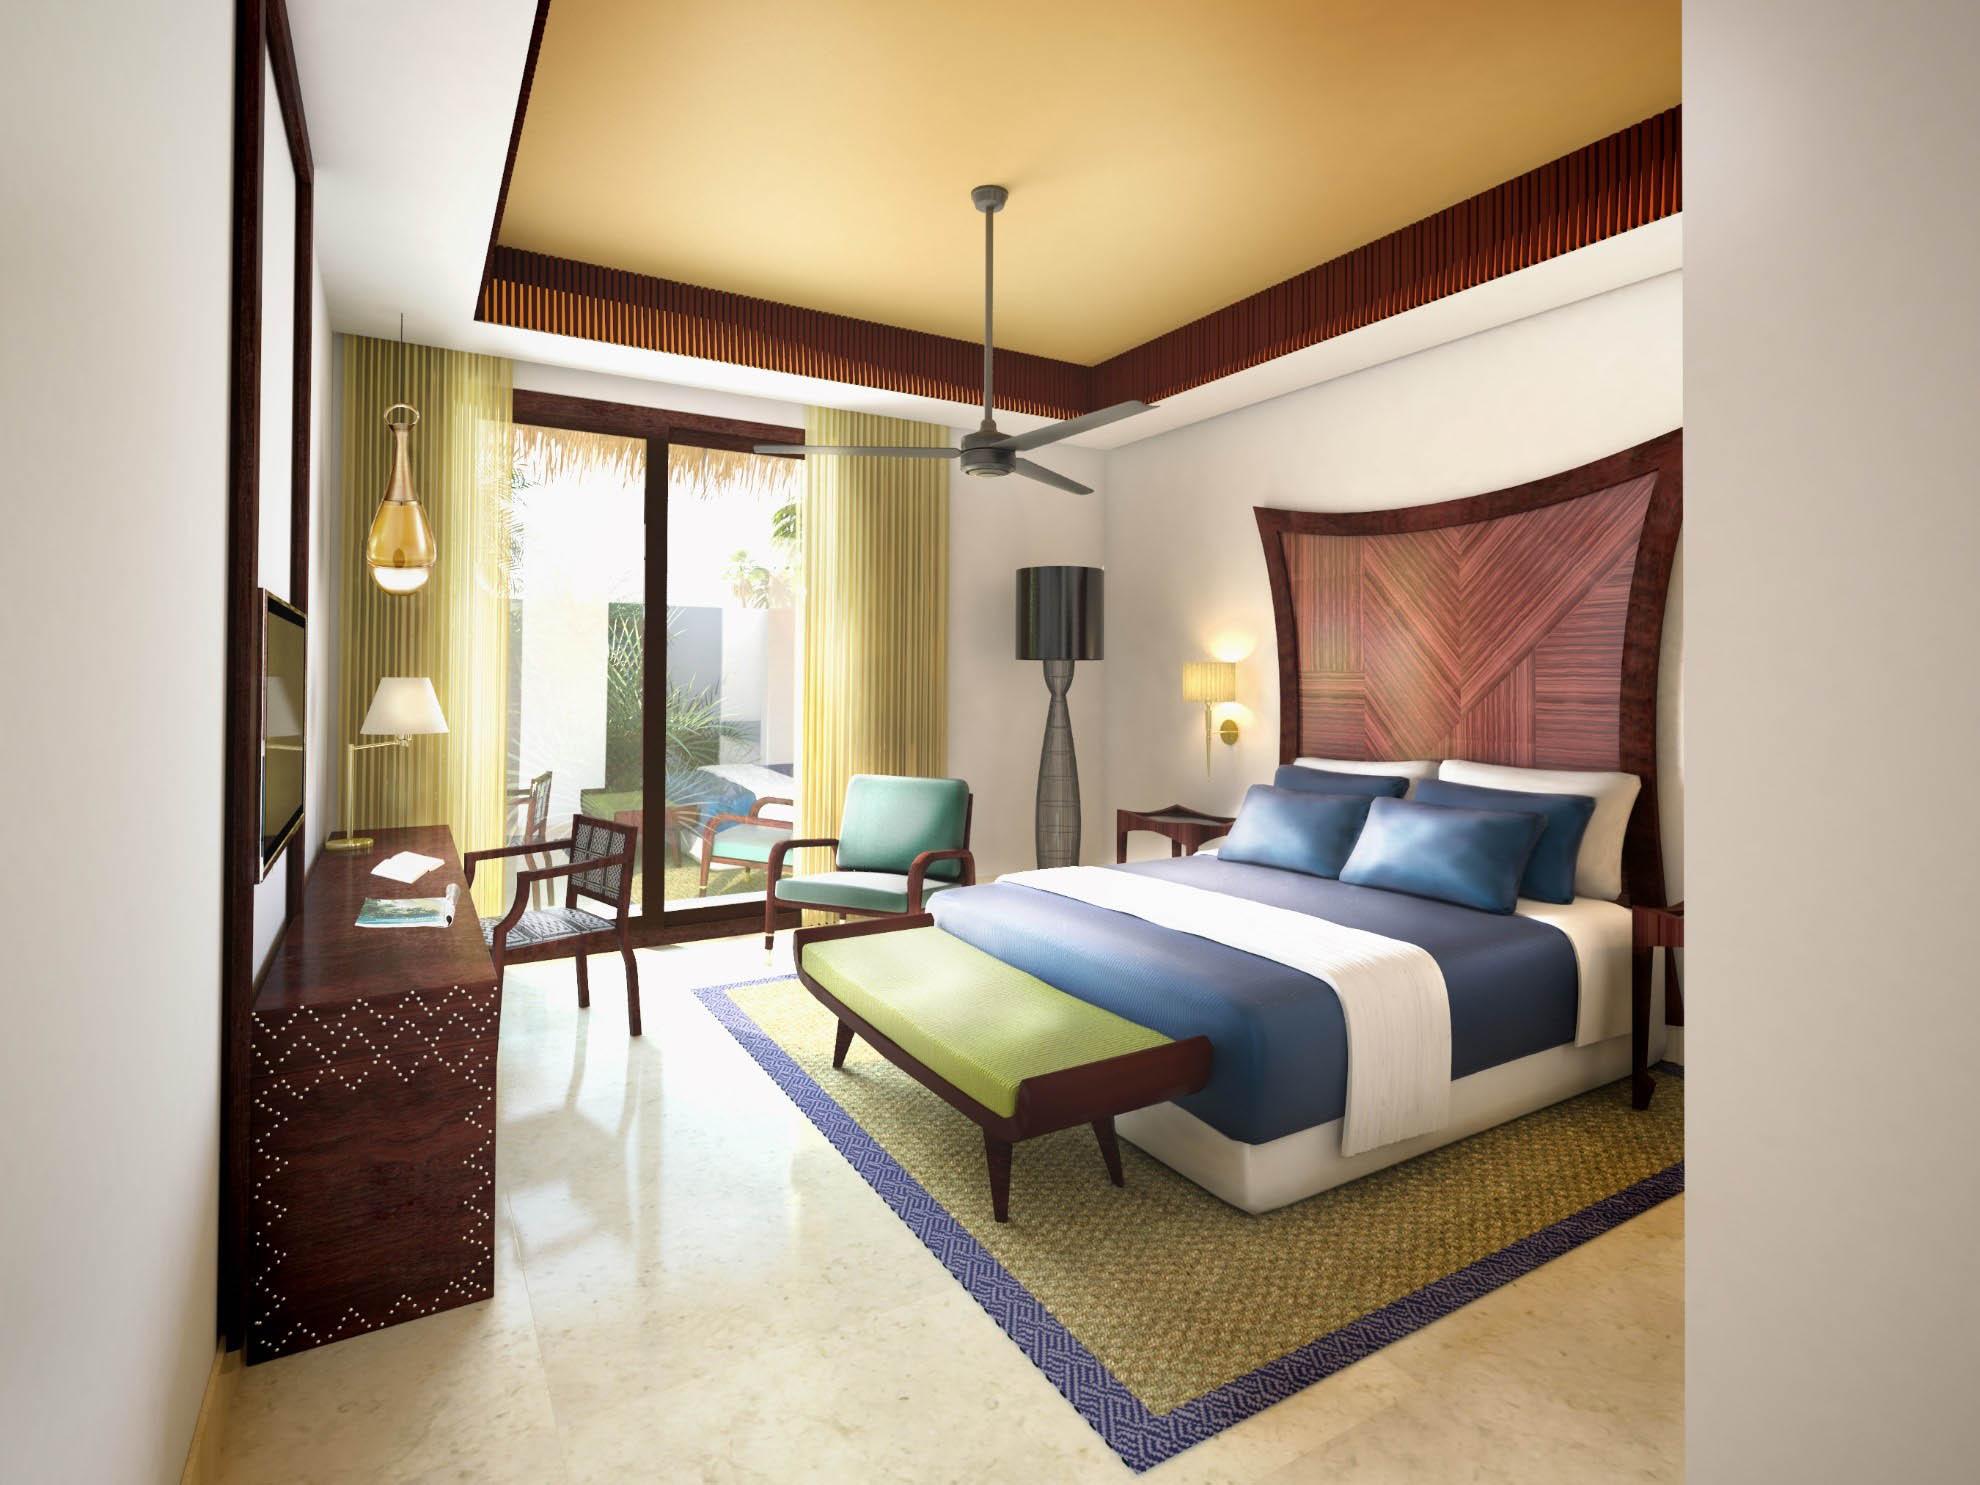 Hotel - Congo